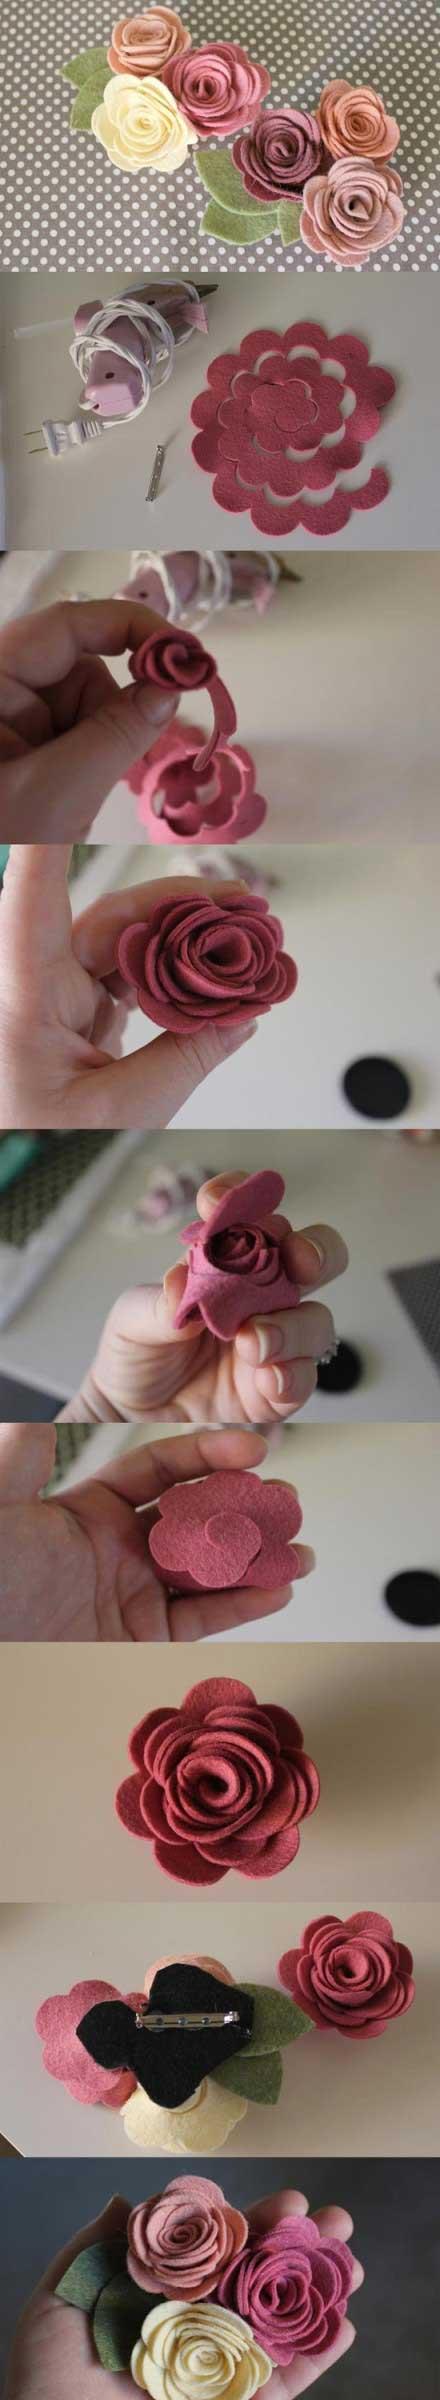 教你怎么用布制作出漂亮的玫瑰花